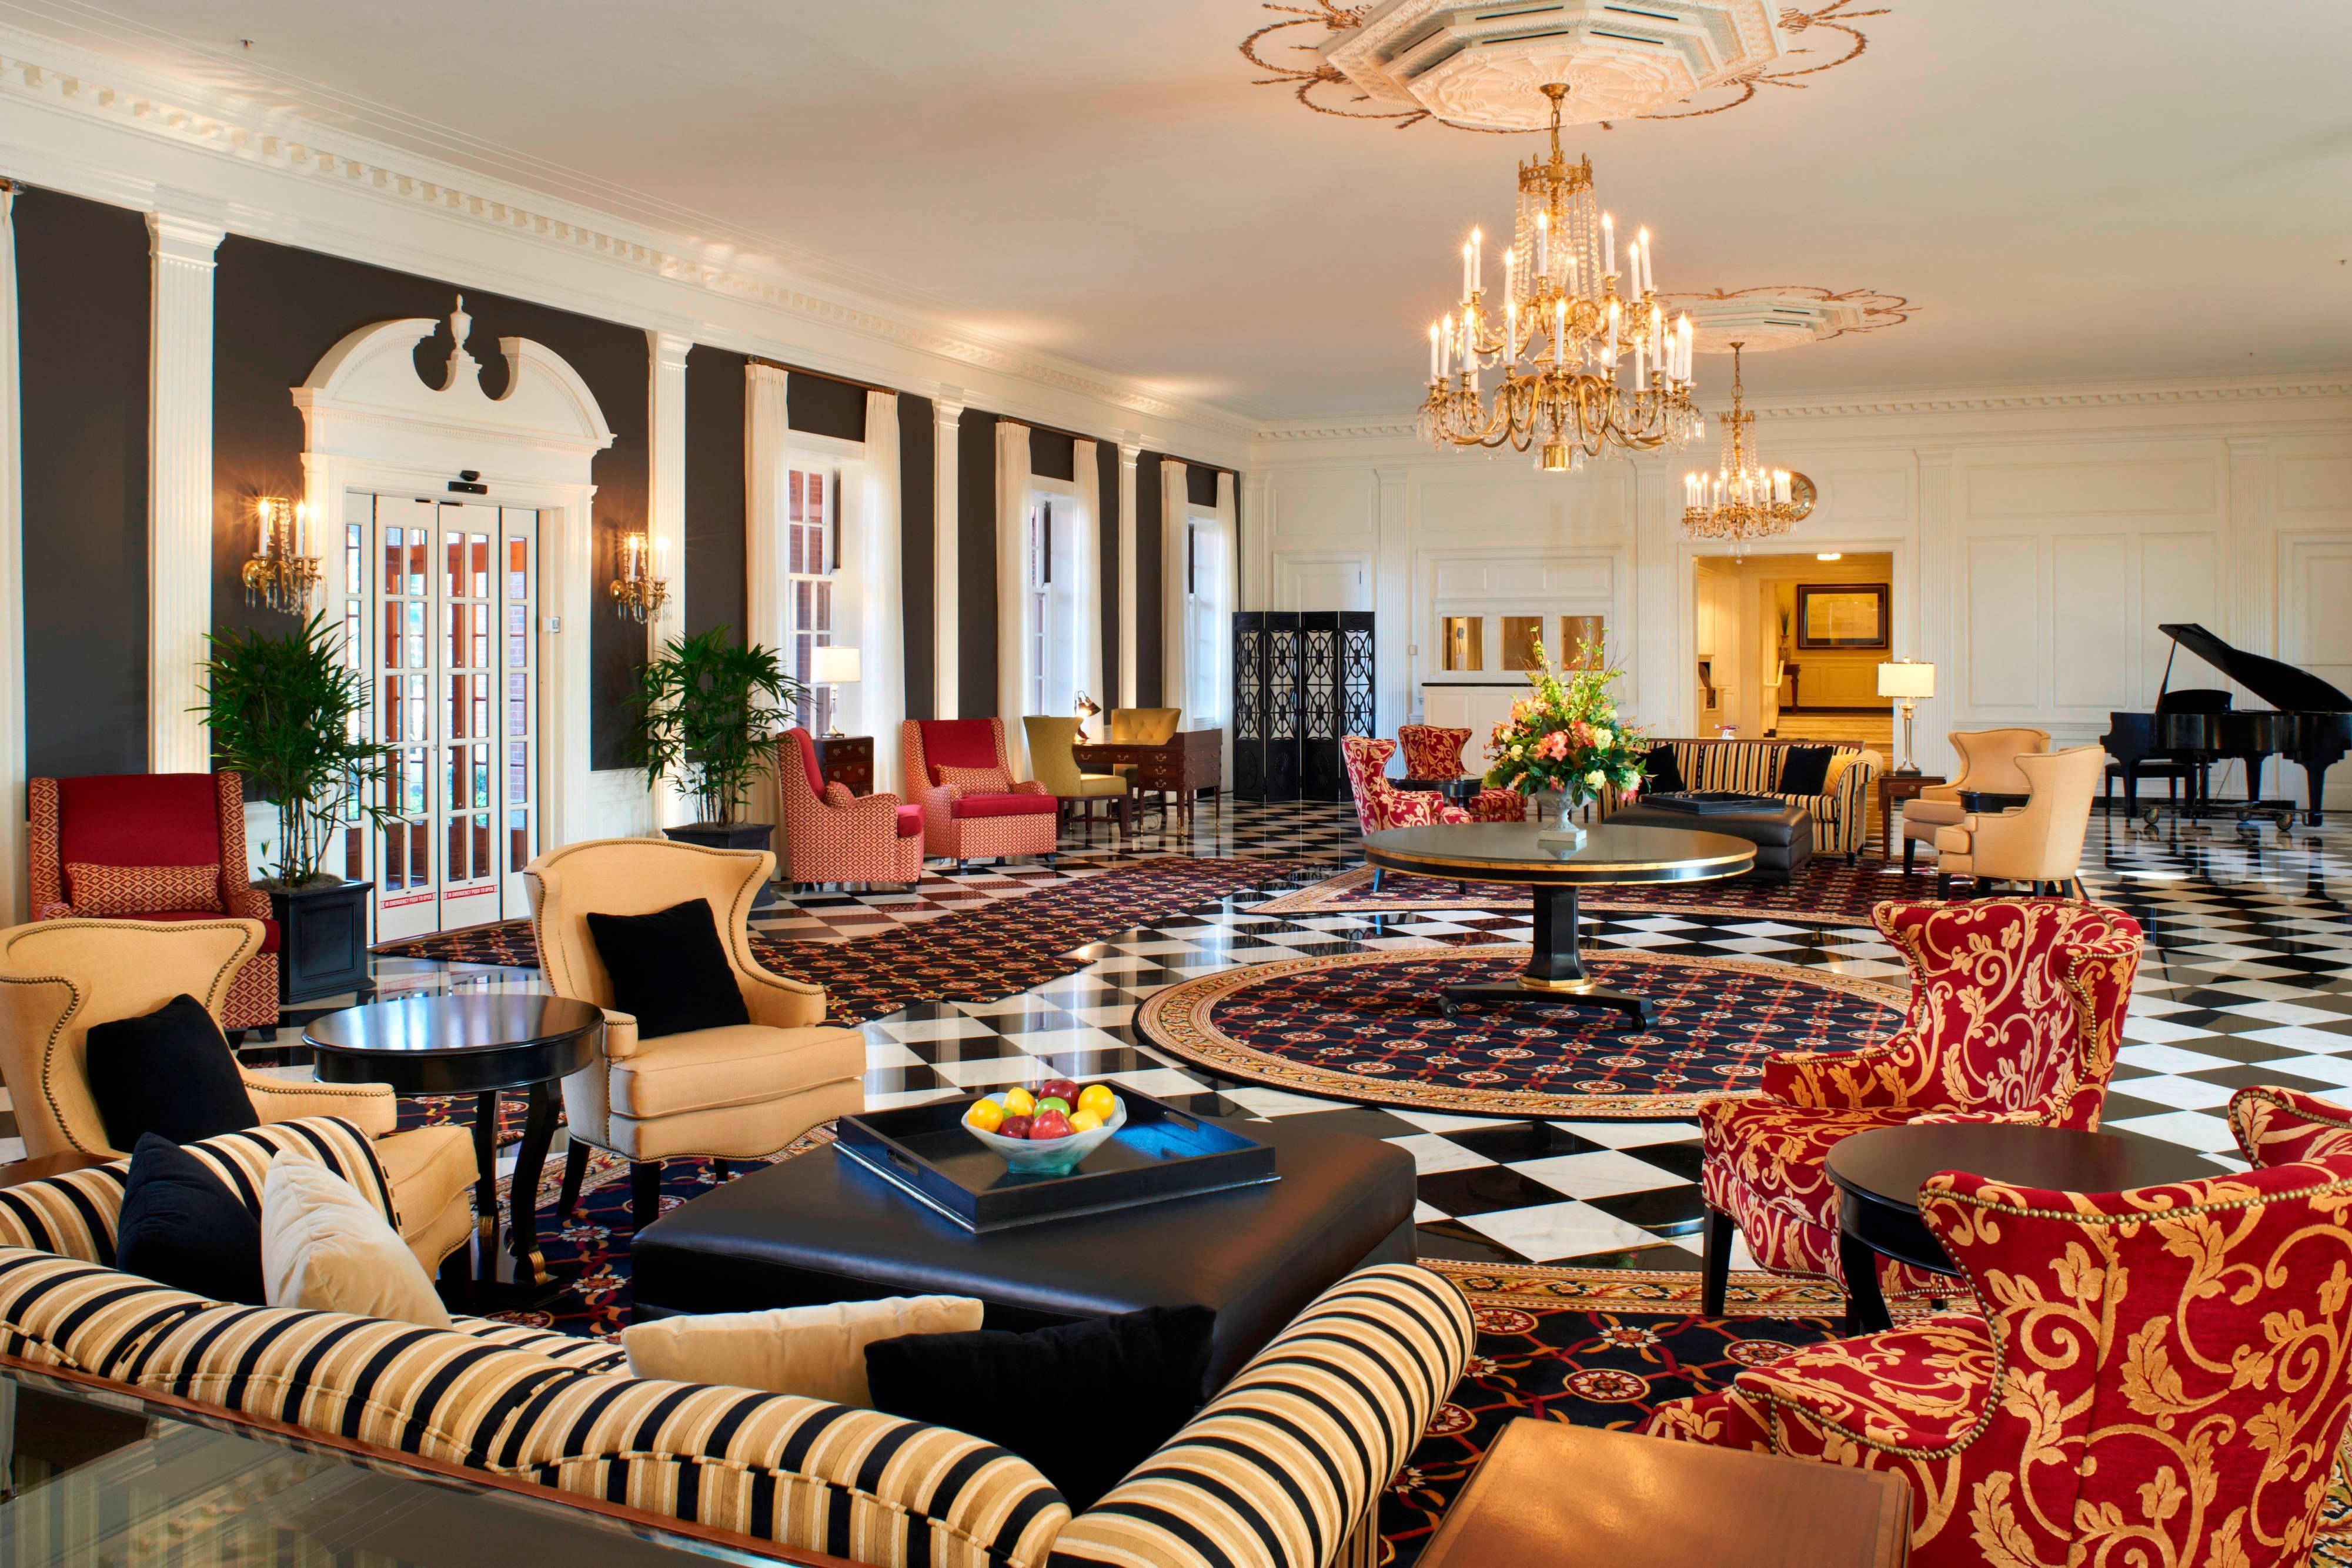 Hotel in Dearborn, Michigan